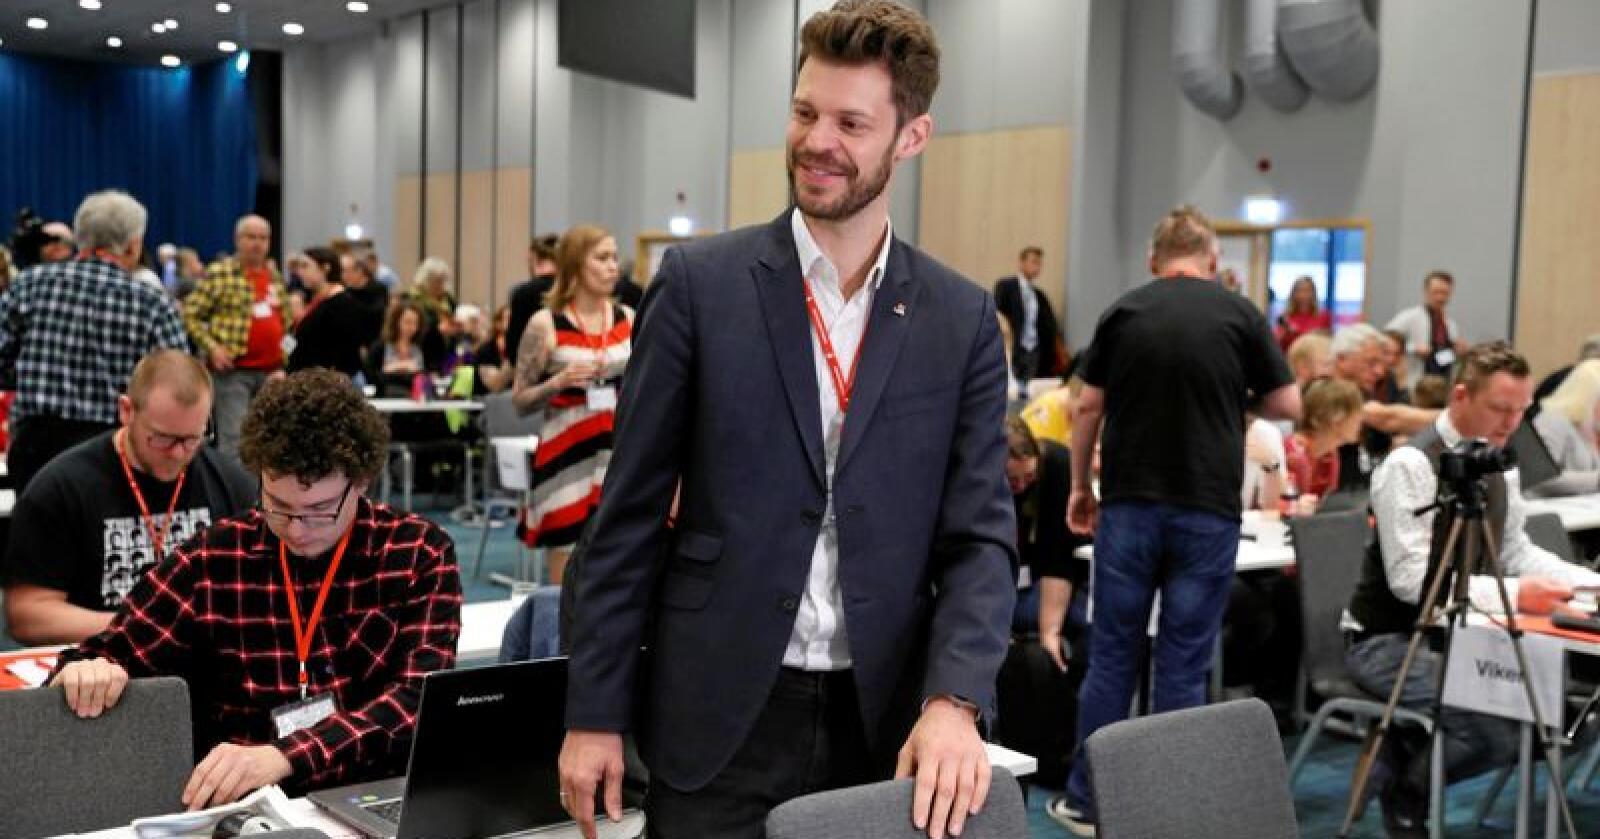 Leder i Rødt, Bjørnar Moxnes,  tar partiet til nye høyder. Foto: Terje Bendiksby/NTB scanpix